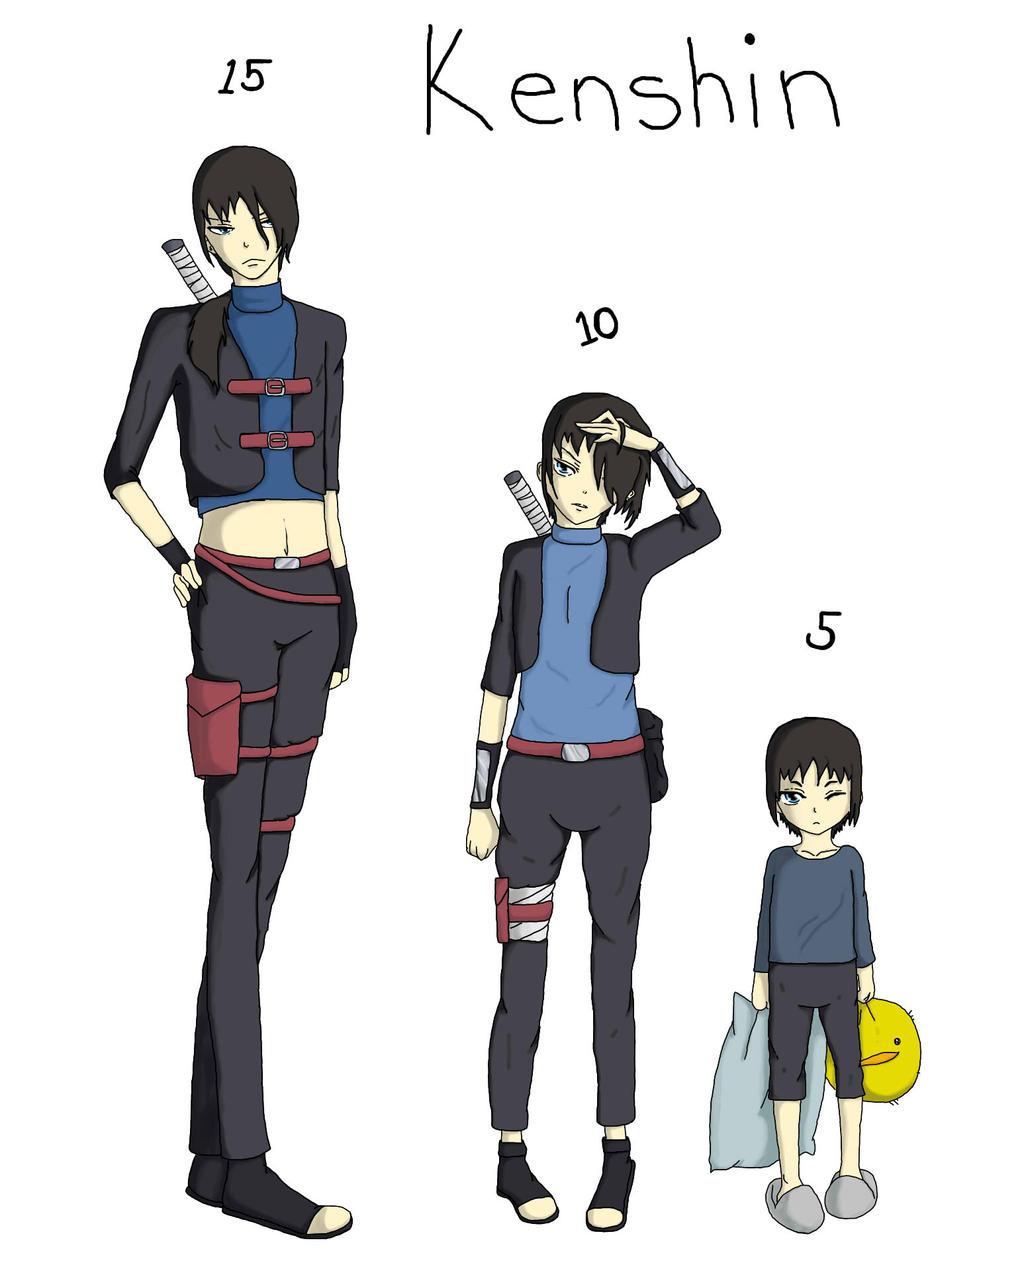 Next Gen Naruto OC By Drageach13 On DeviantArt